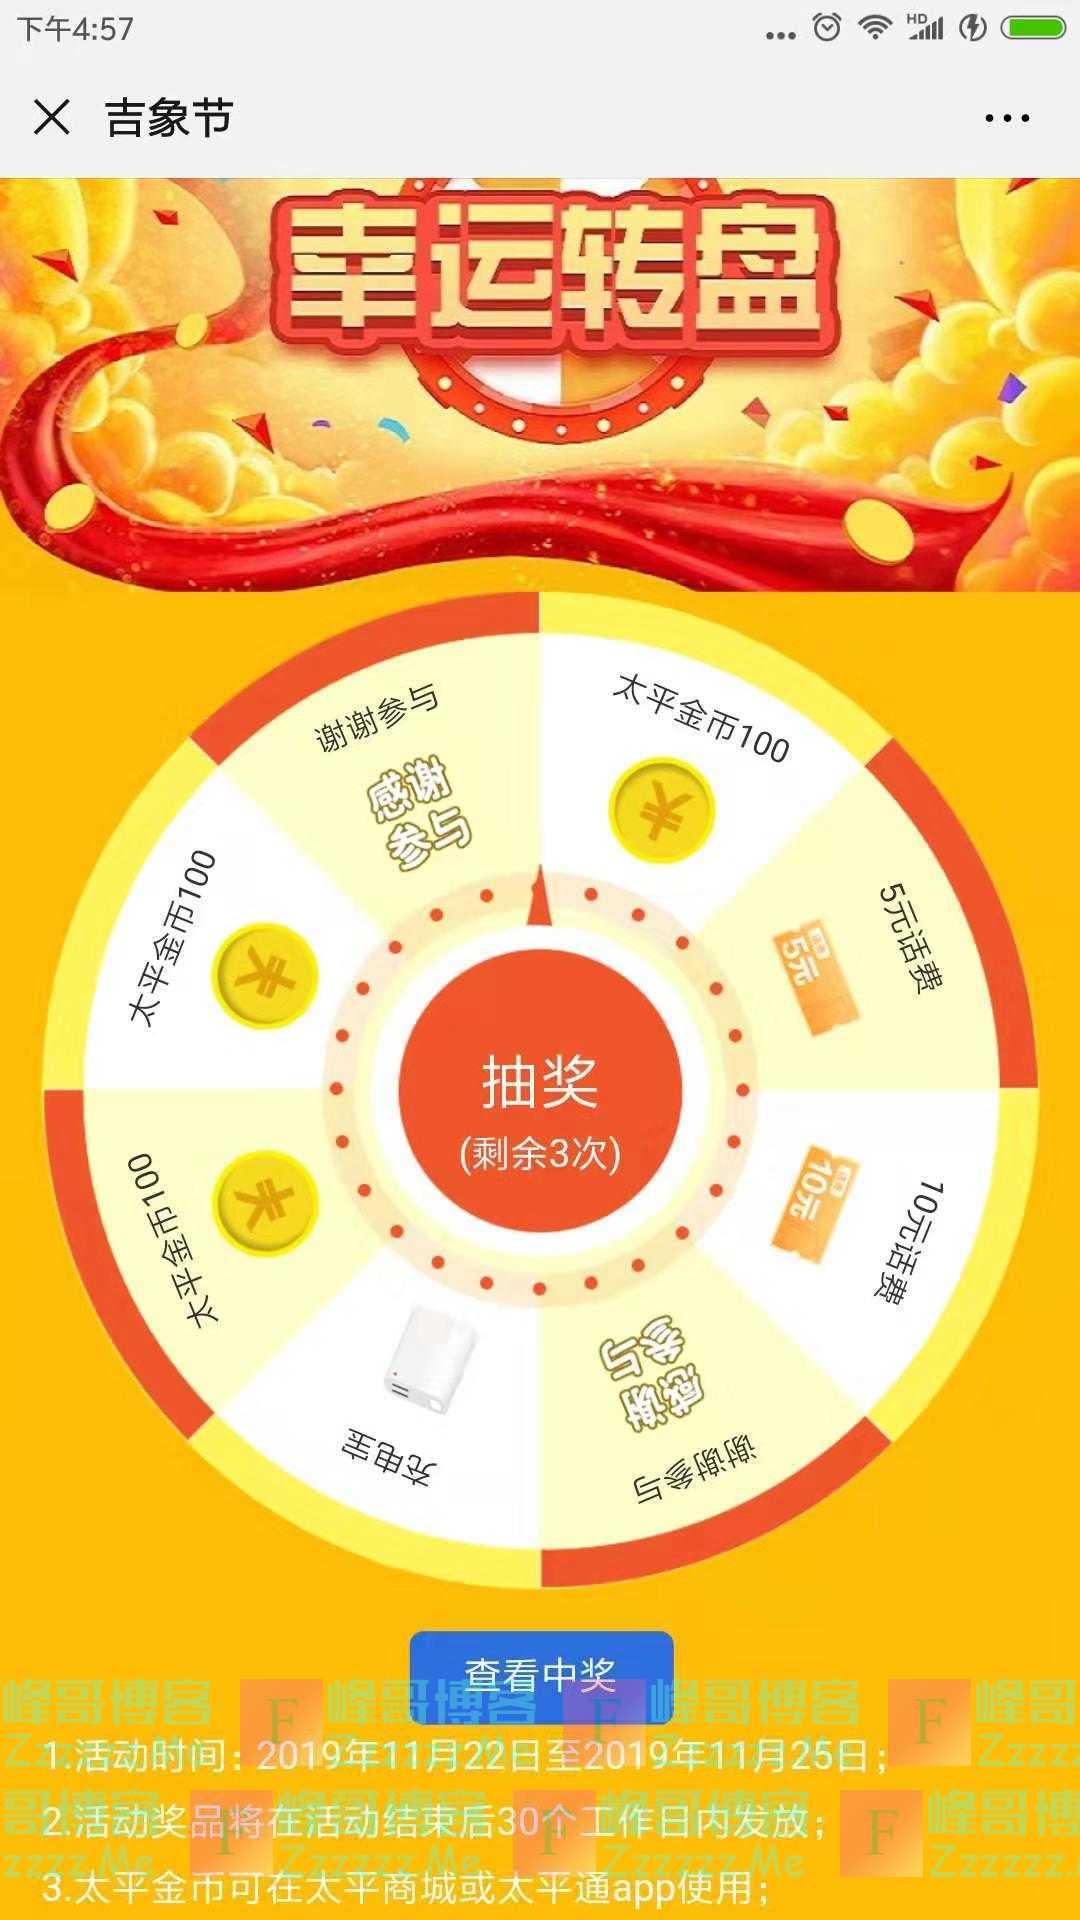 中国太平微服务太平吉象节 转盘抽奖(截止11月25日)